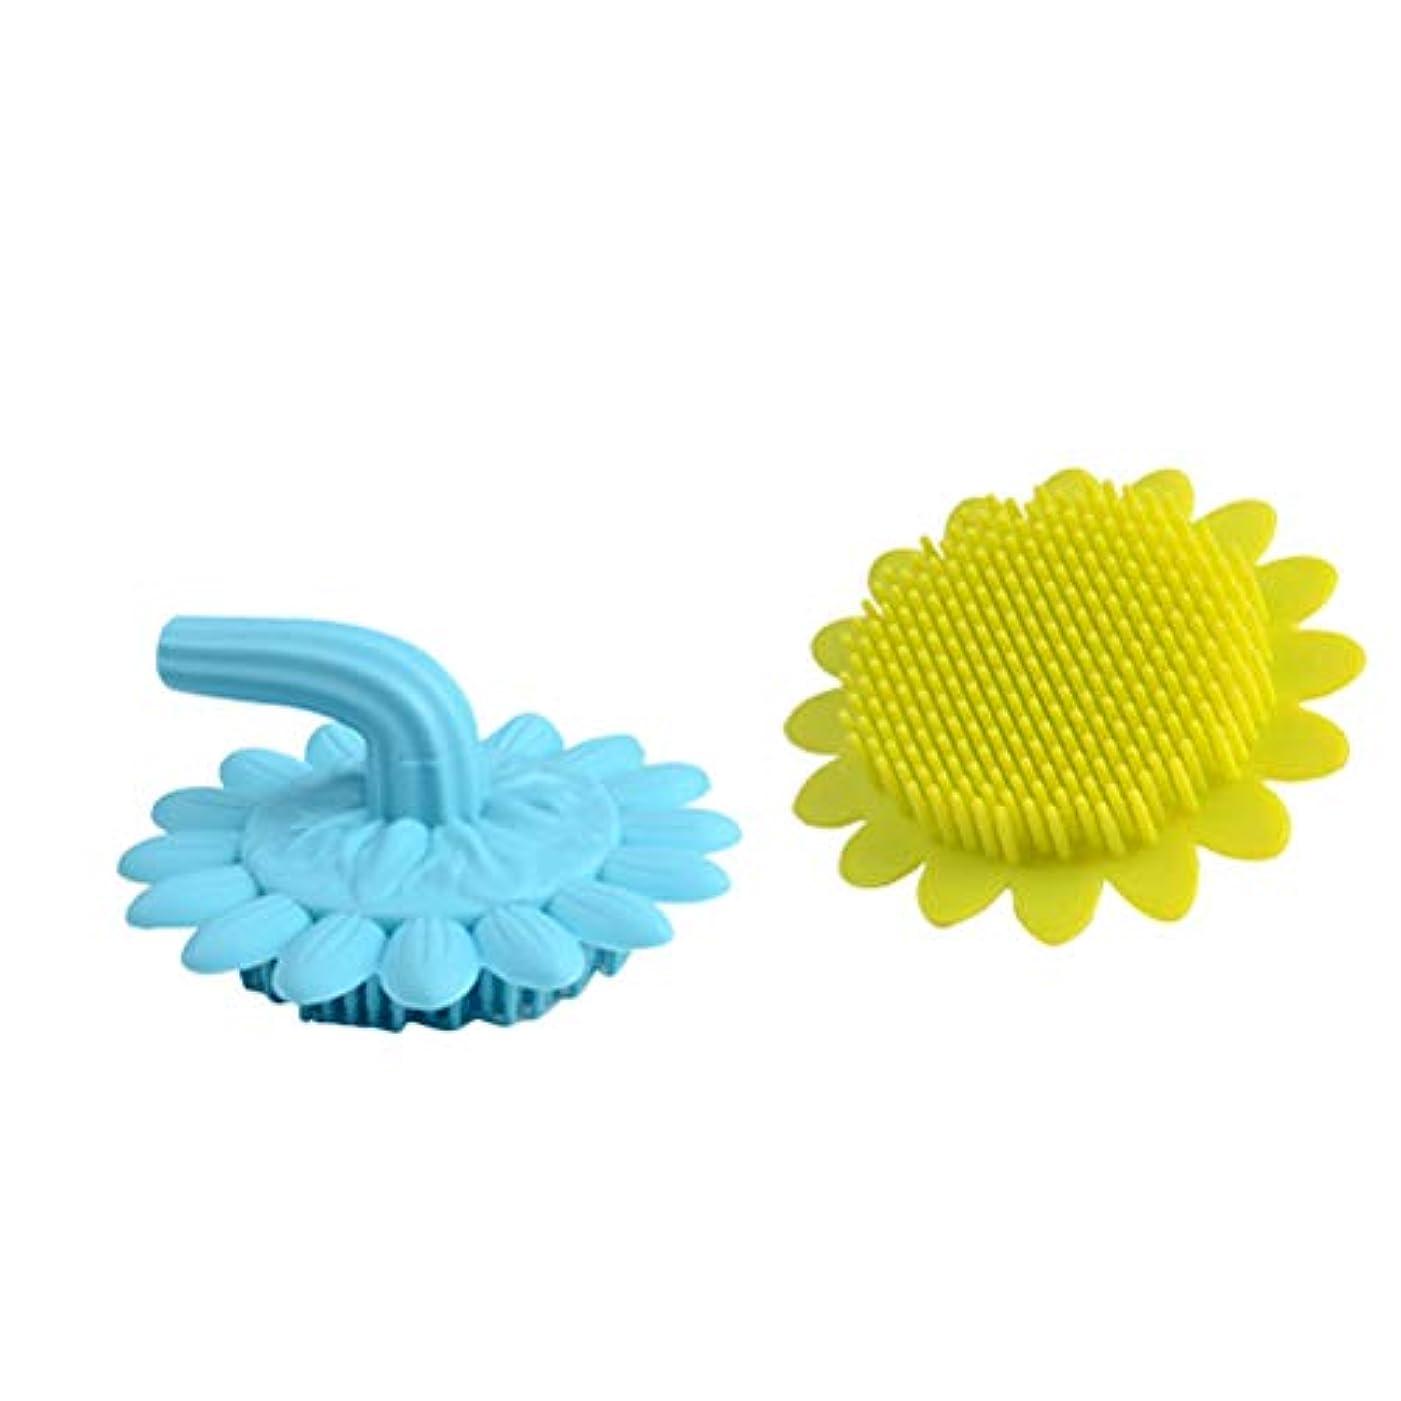 口述するオーバーフロー最大化するBeaupretty 2本の赤ちゃん風呂ブラシシリコーンボディブラシ頭皮マッサージブラシ赤ちゃんのためのシャンプーブラシ(グリーン+ブルー)